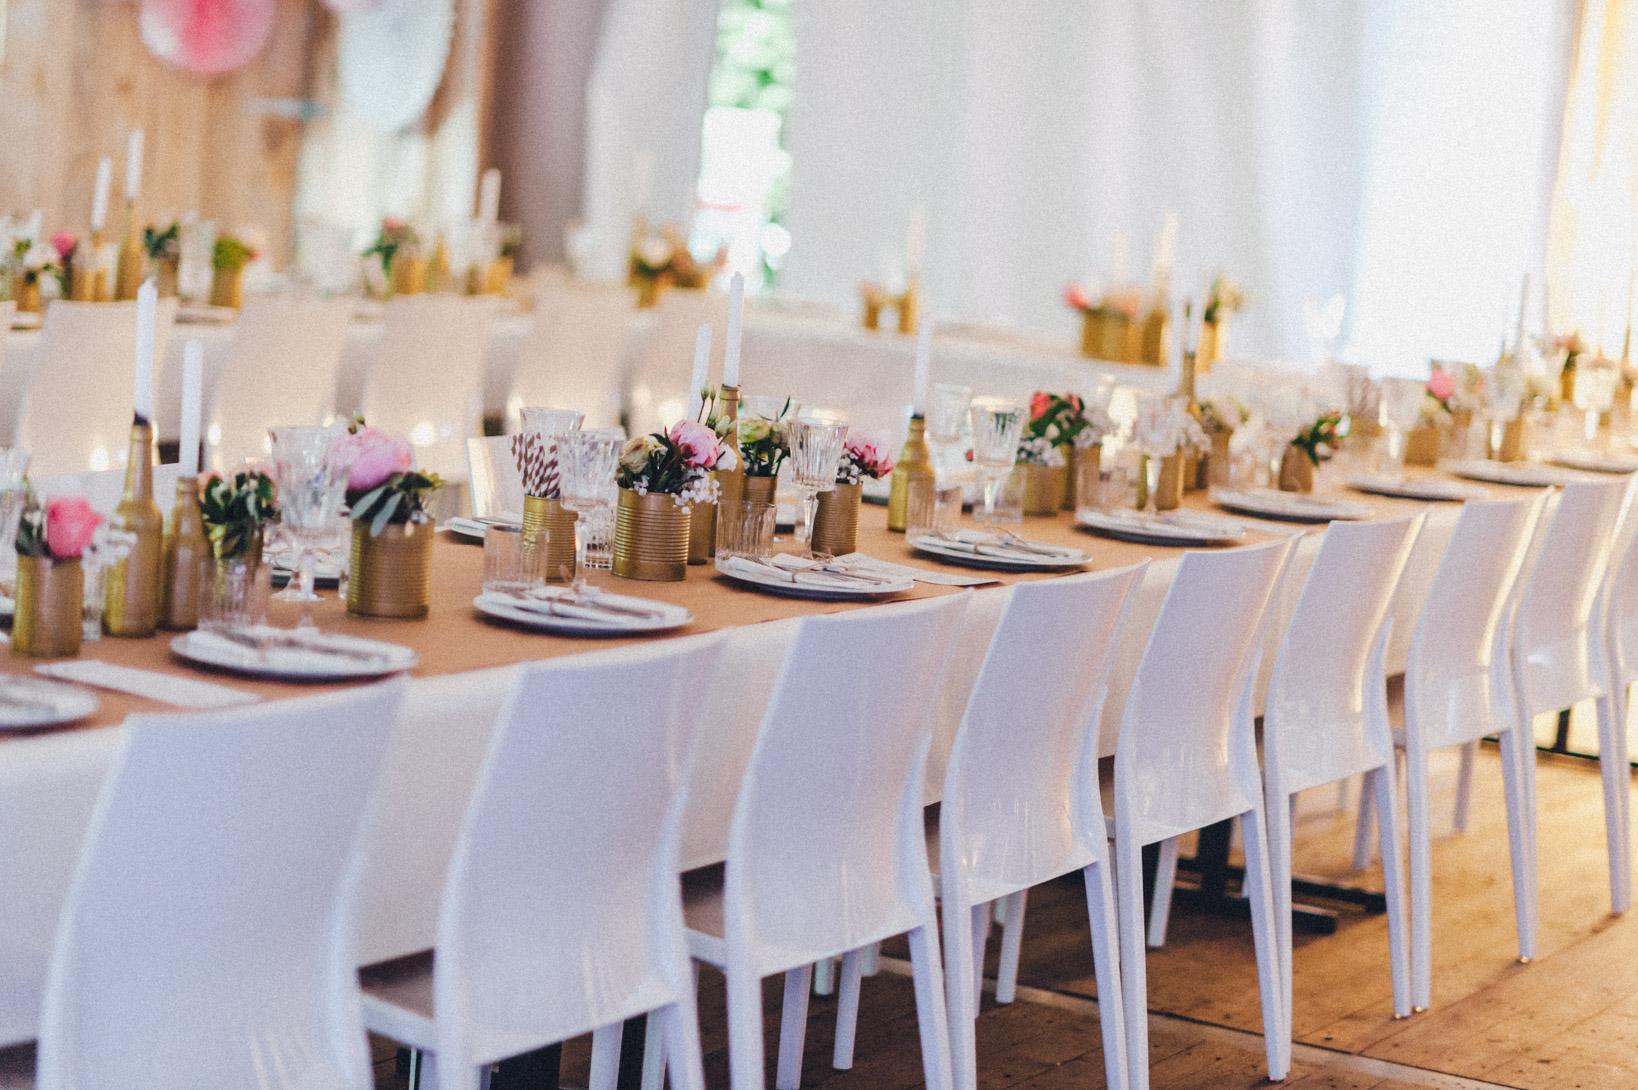 DIY-Hochzeit-gold-VW-Bully-41 Janet & Pierre DIY Midsummer-Wedding in Gold mit VW BulliDIY Hochzeit gold VW Bully 41